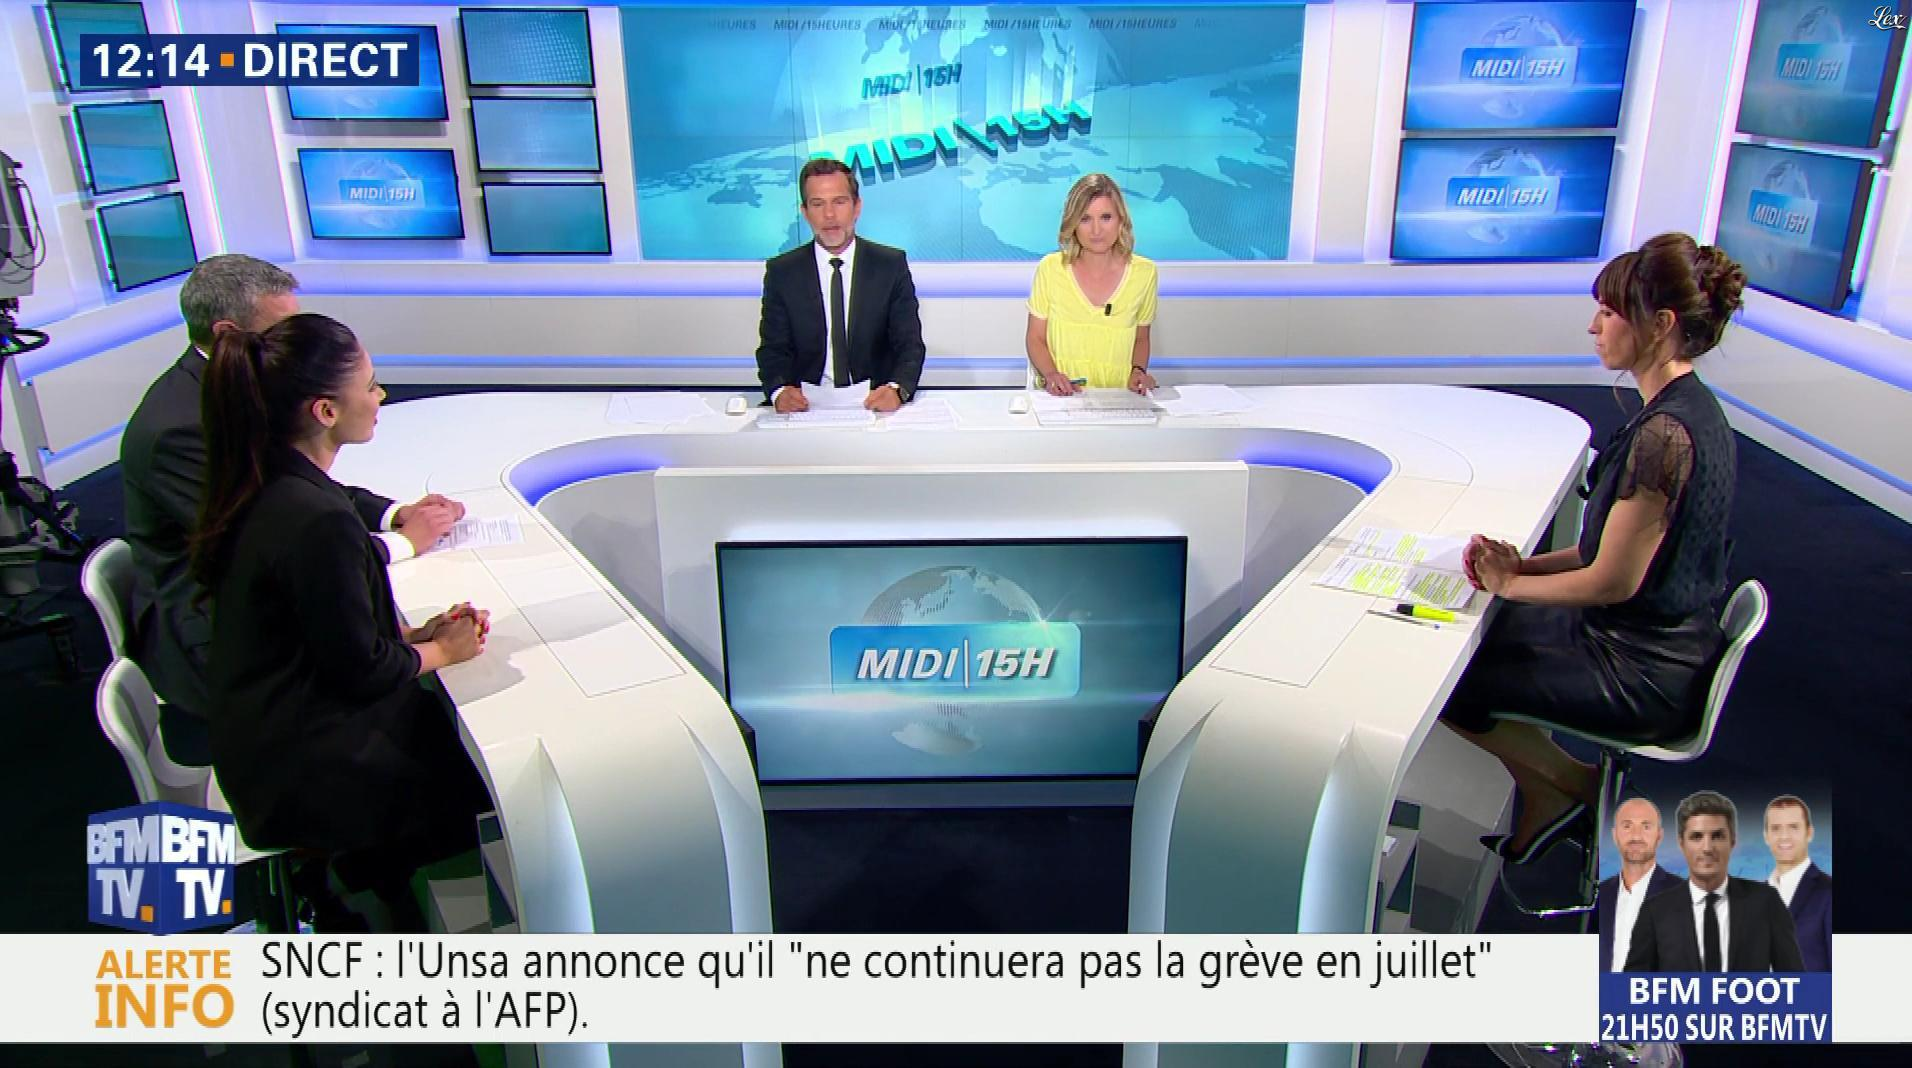 Candice Mahout dans le Midi-15h. Diffusé à la télévision le 19/06/18.